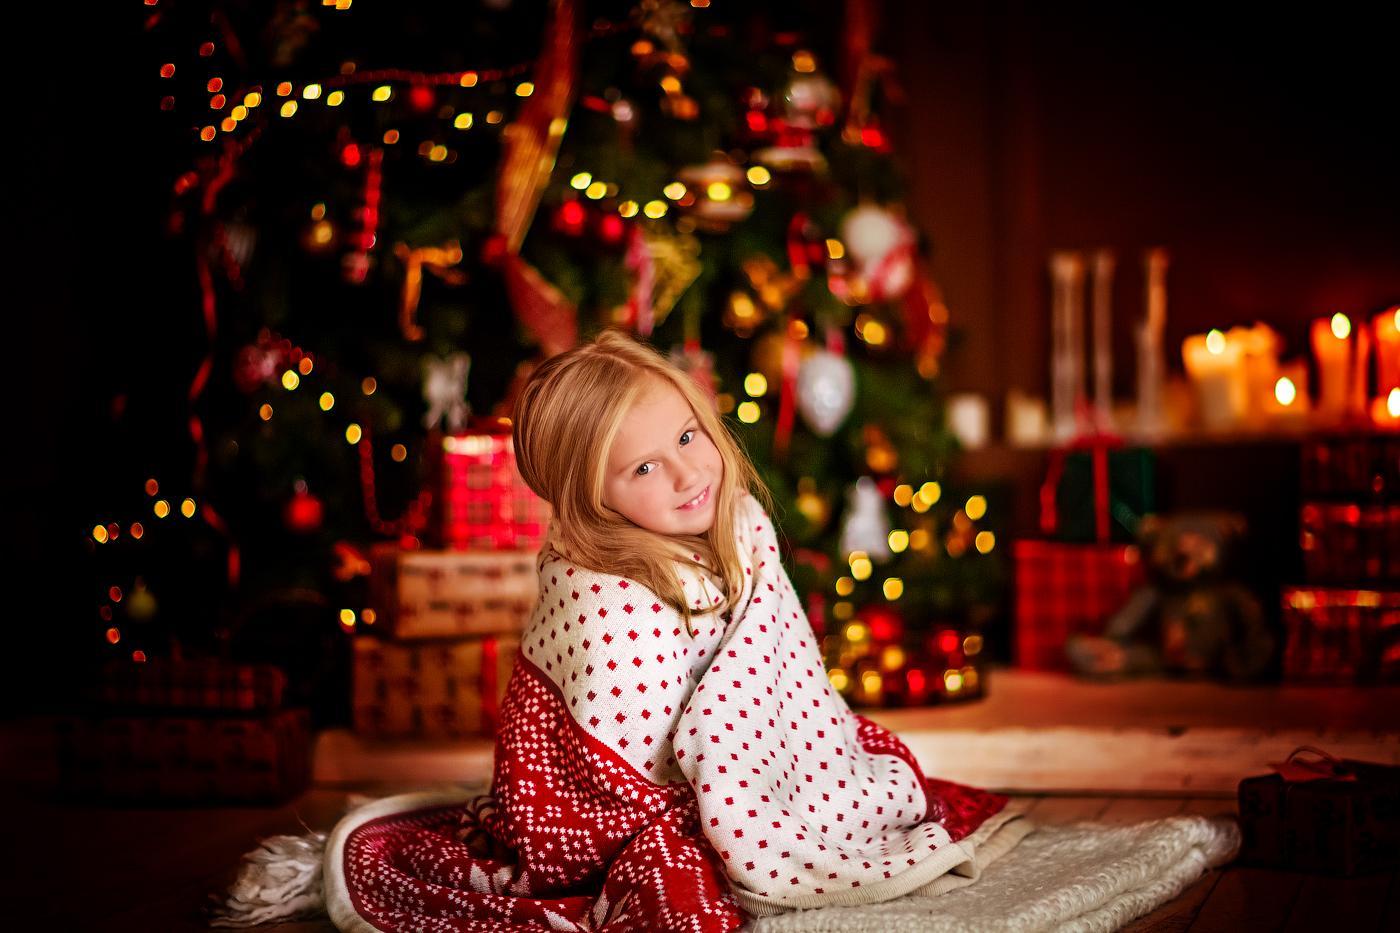 Девочка в новогодней фотозоне